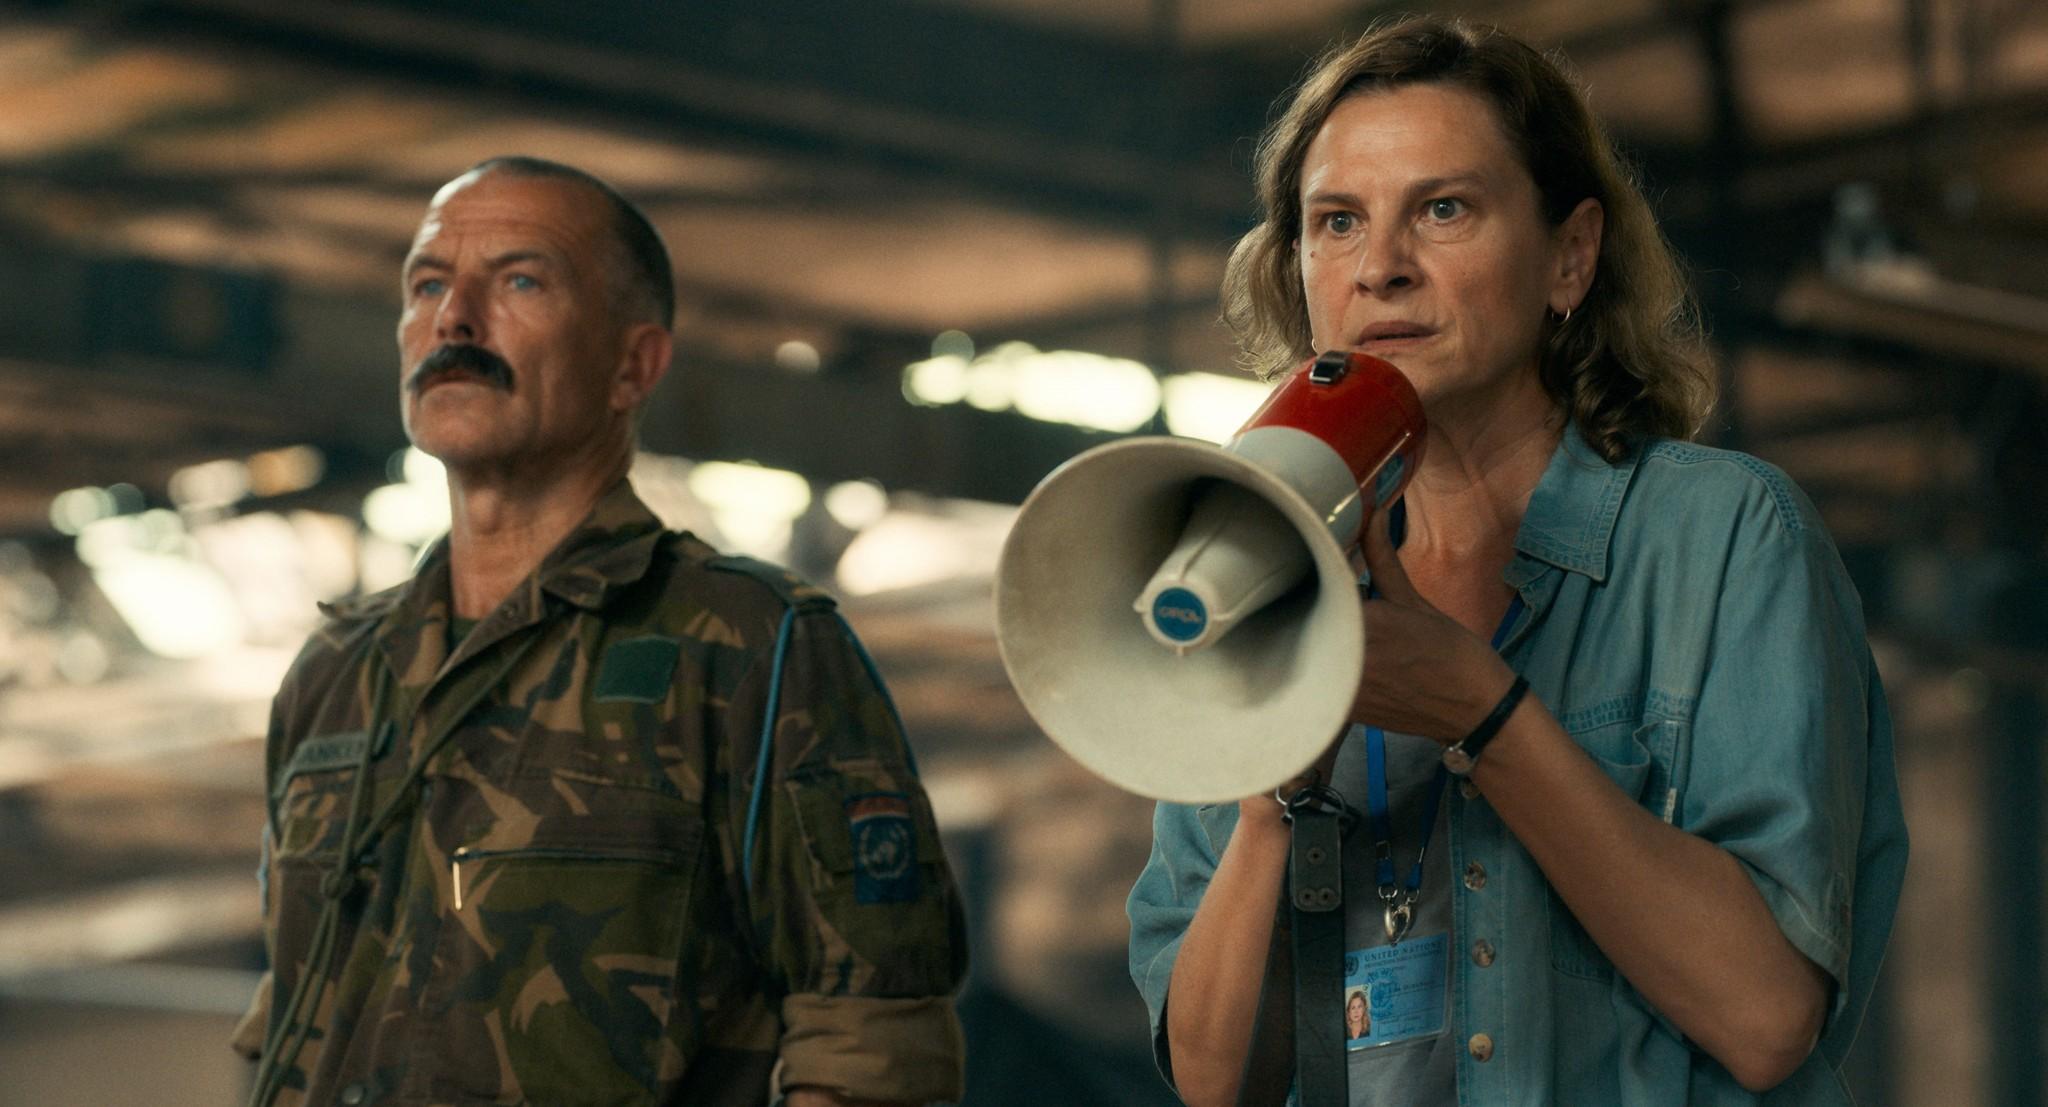 国連平和維持活動に当たるオランダ兵(左)の通訳として難民に語りかけるアイダ=「アイダよ、何処へ?」より。©2020 Deblokada/coop99 filmproduktion/Digital Cube/N279/Razor Film/Extreme Emotions/Indie Prod/Tordenfilm/TRT/ZDF arte